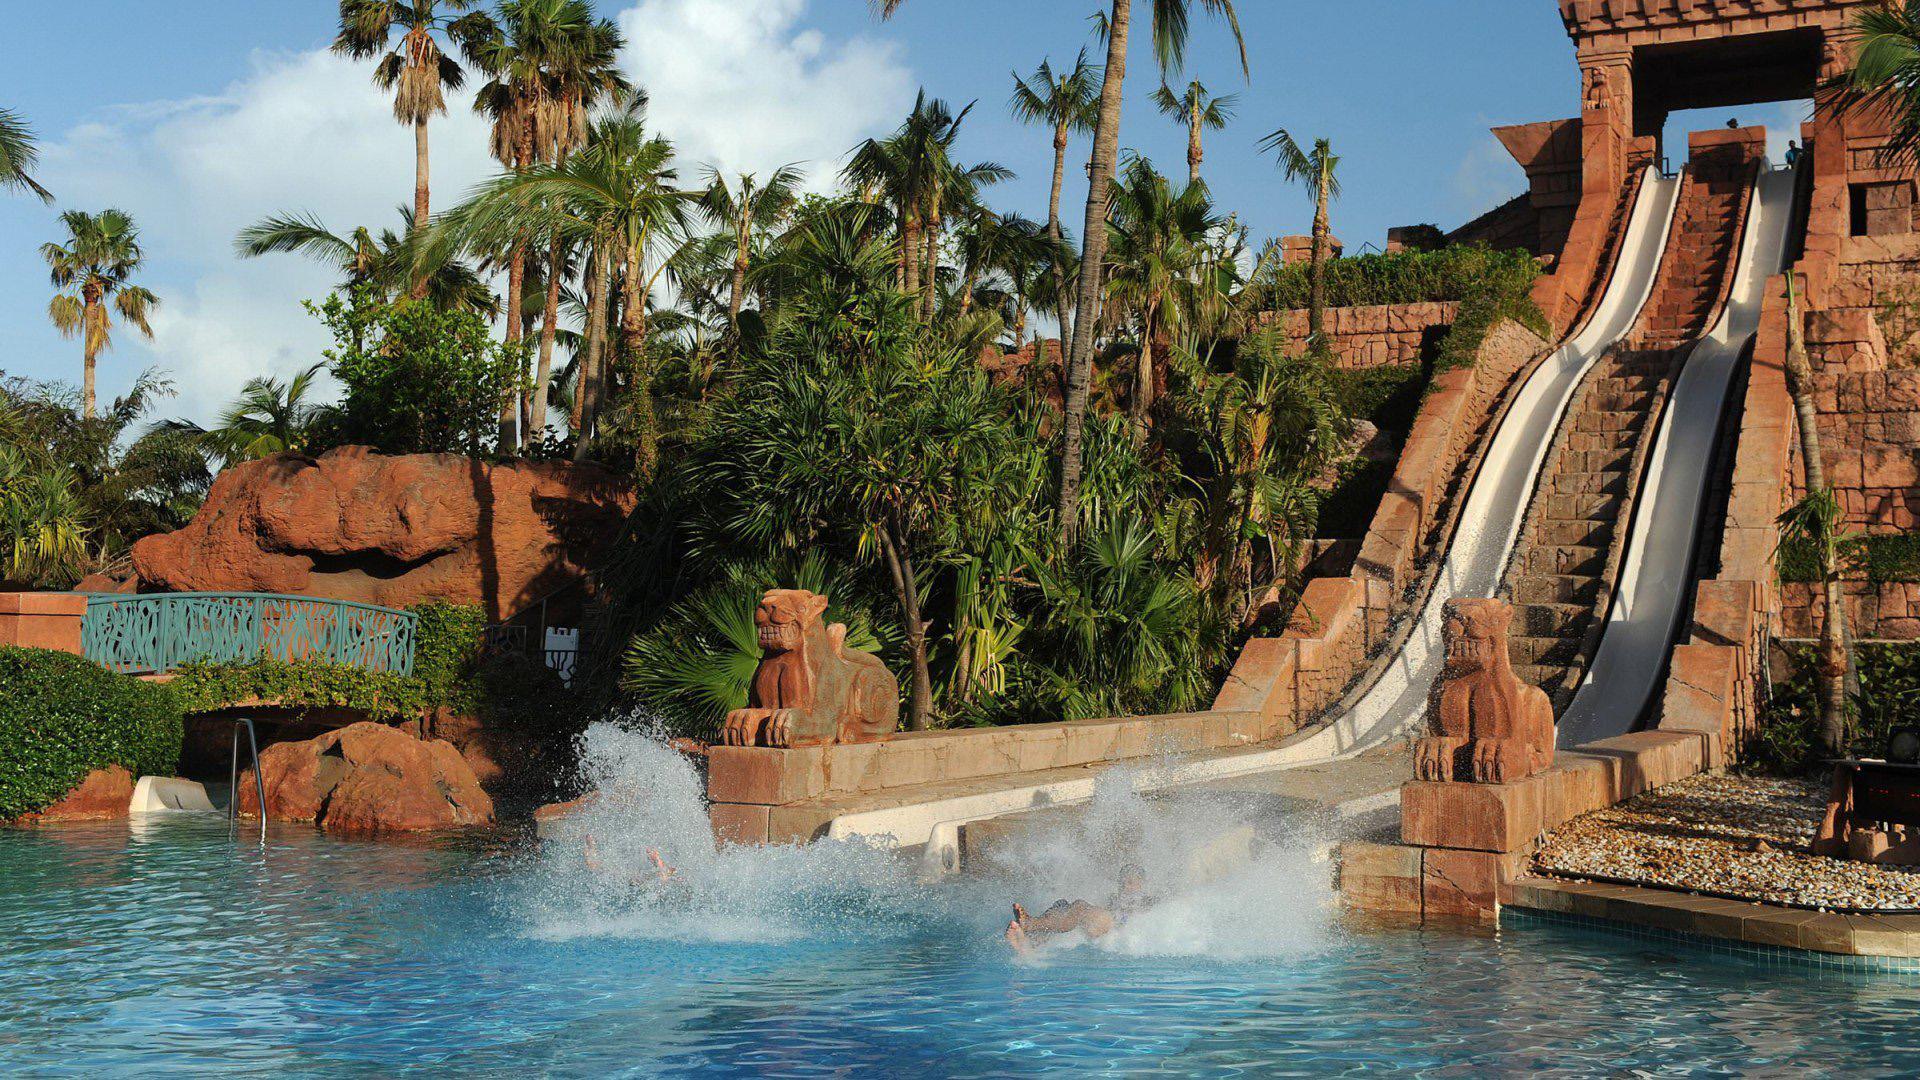 Atlantis Aquaventure at The Palm in Dubai